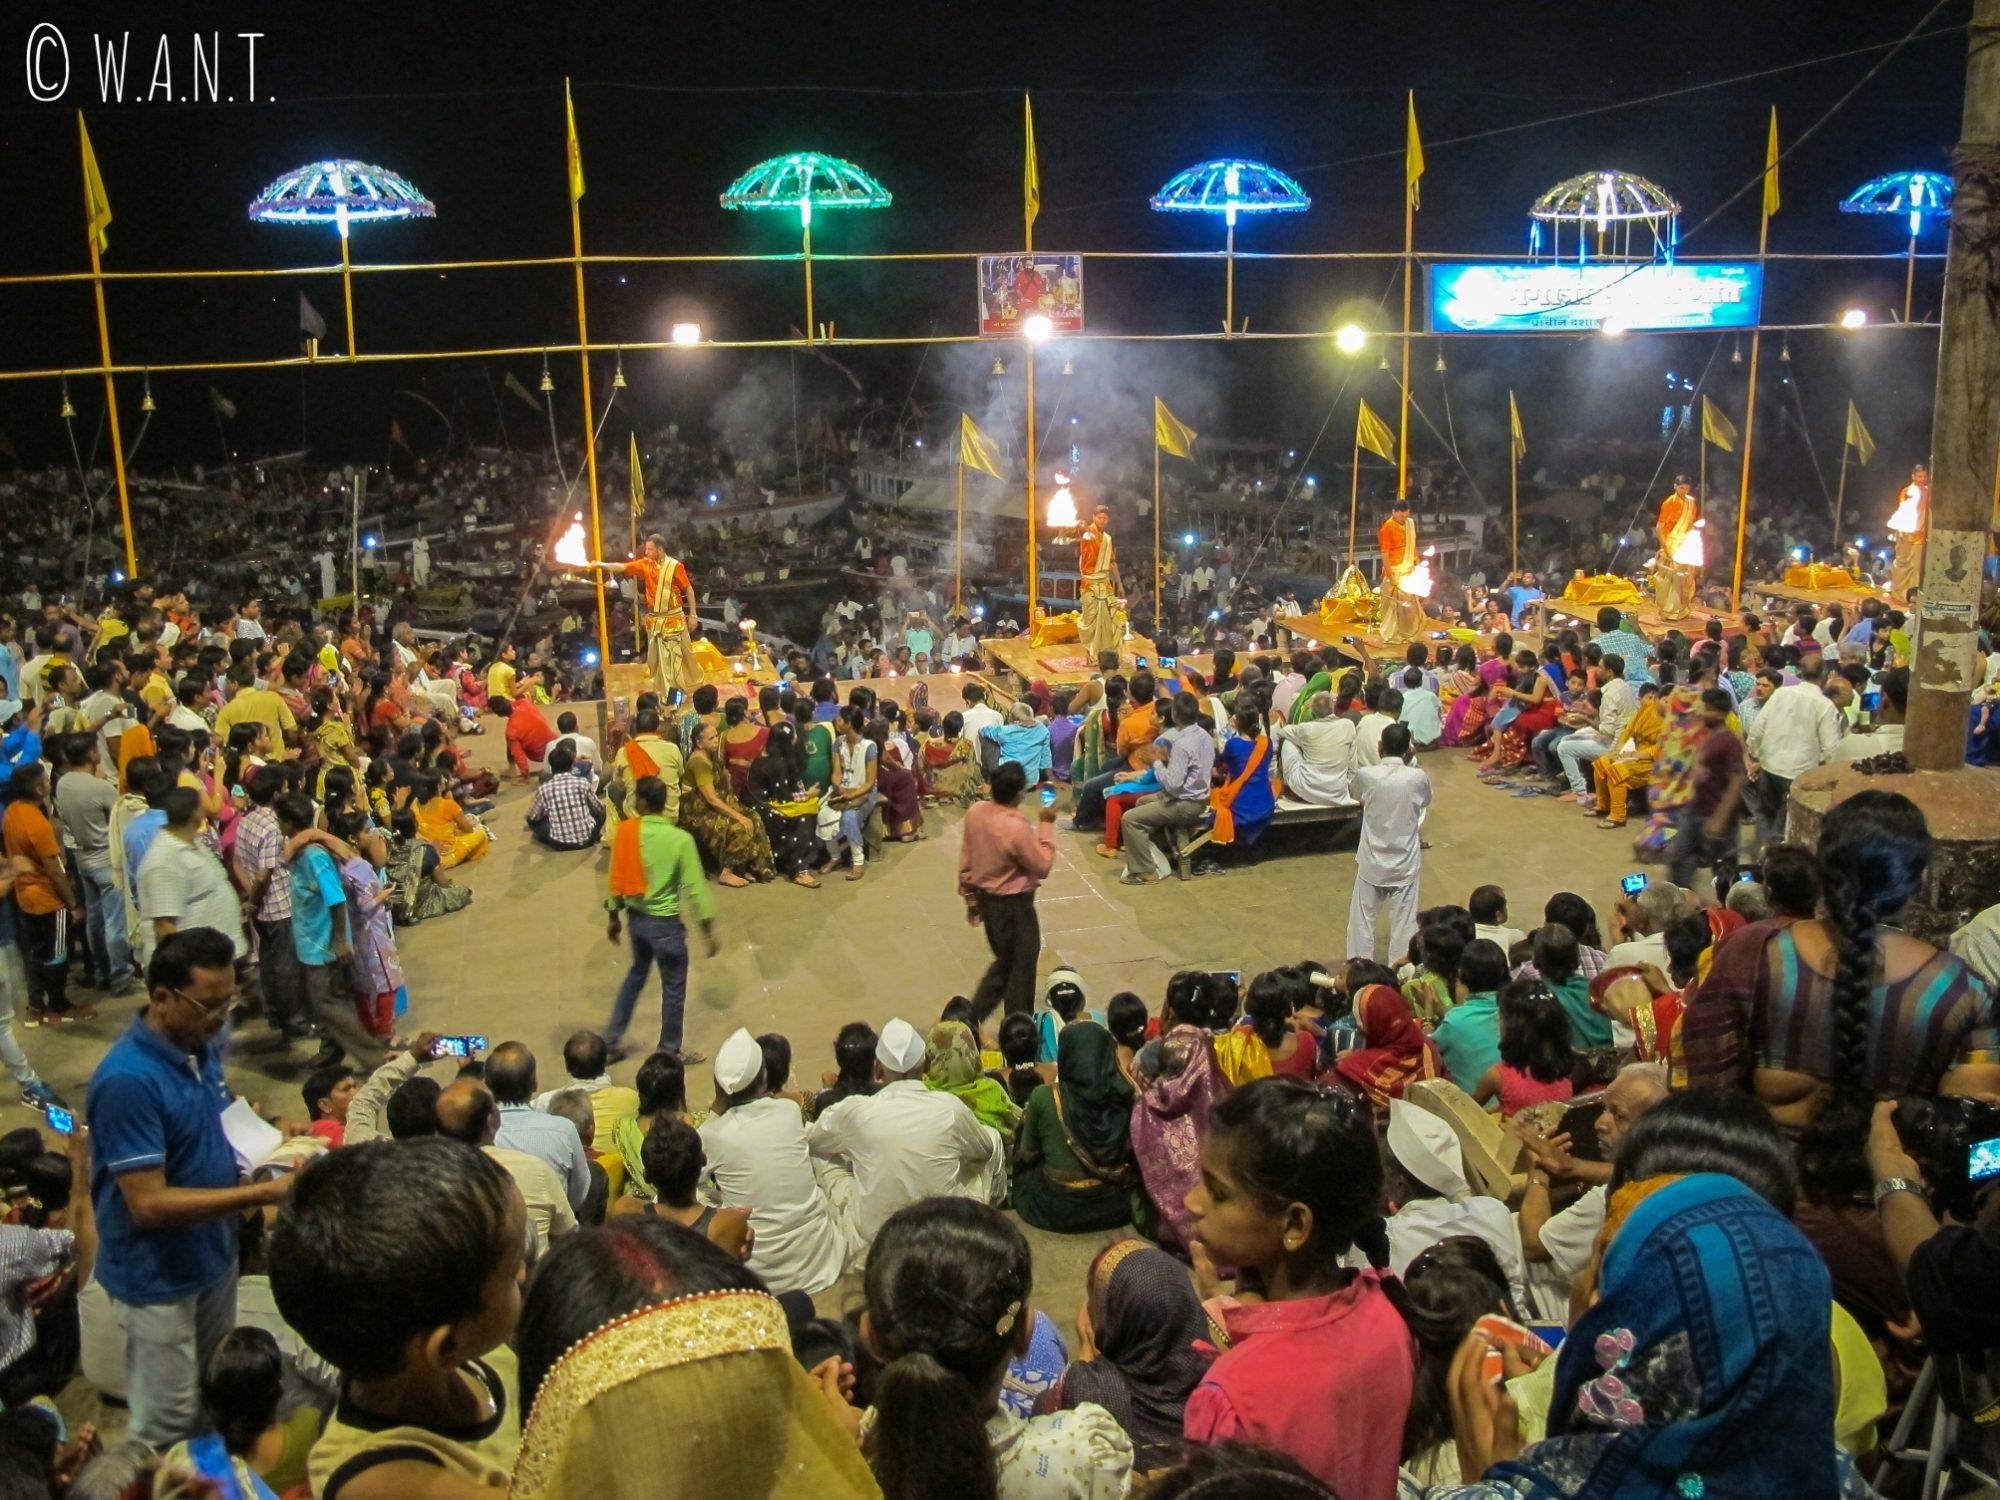 Les locaux se pressent sur le Dashashwamedh ghat pour participer à la cérémonie Ganga aarti